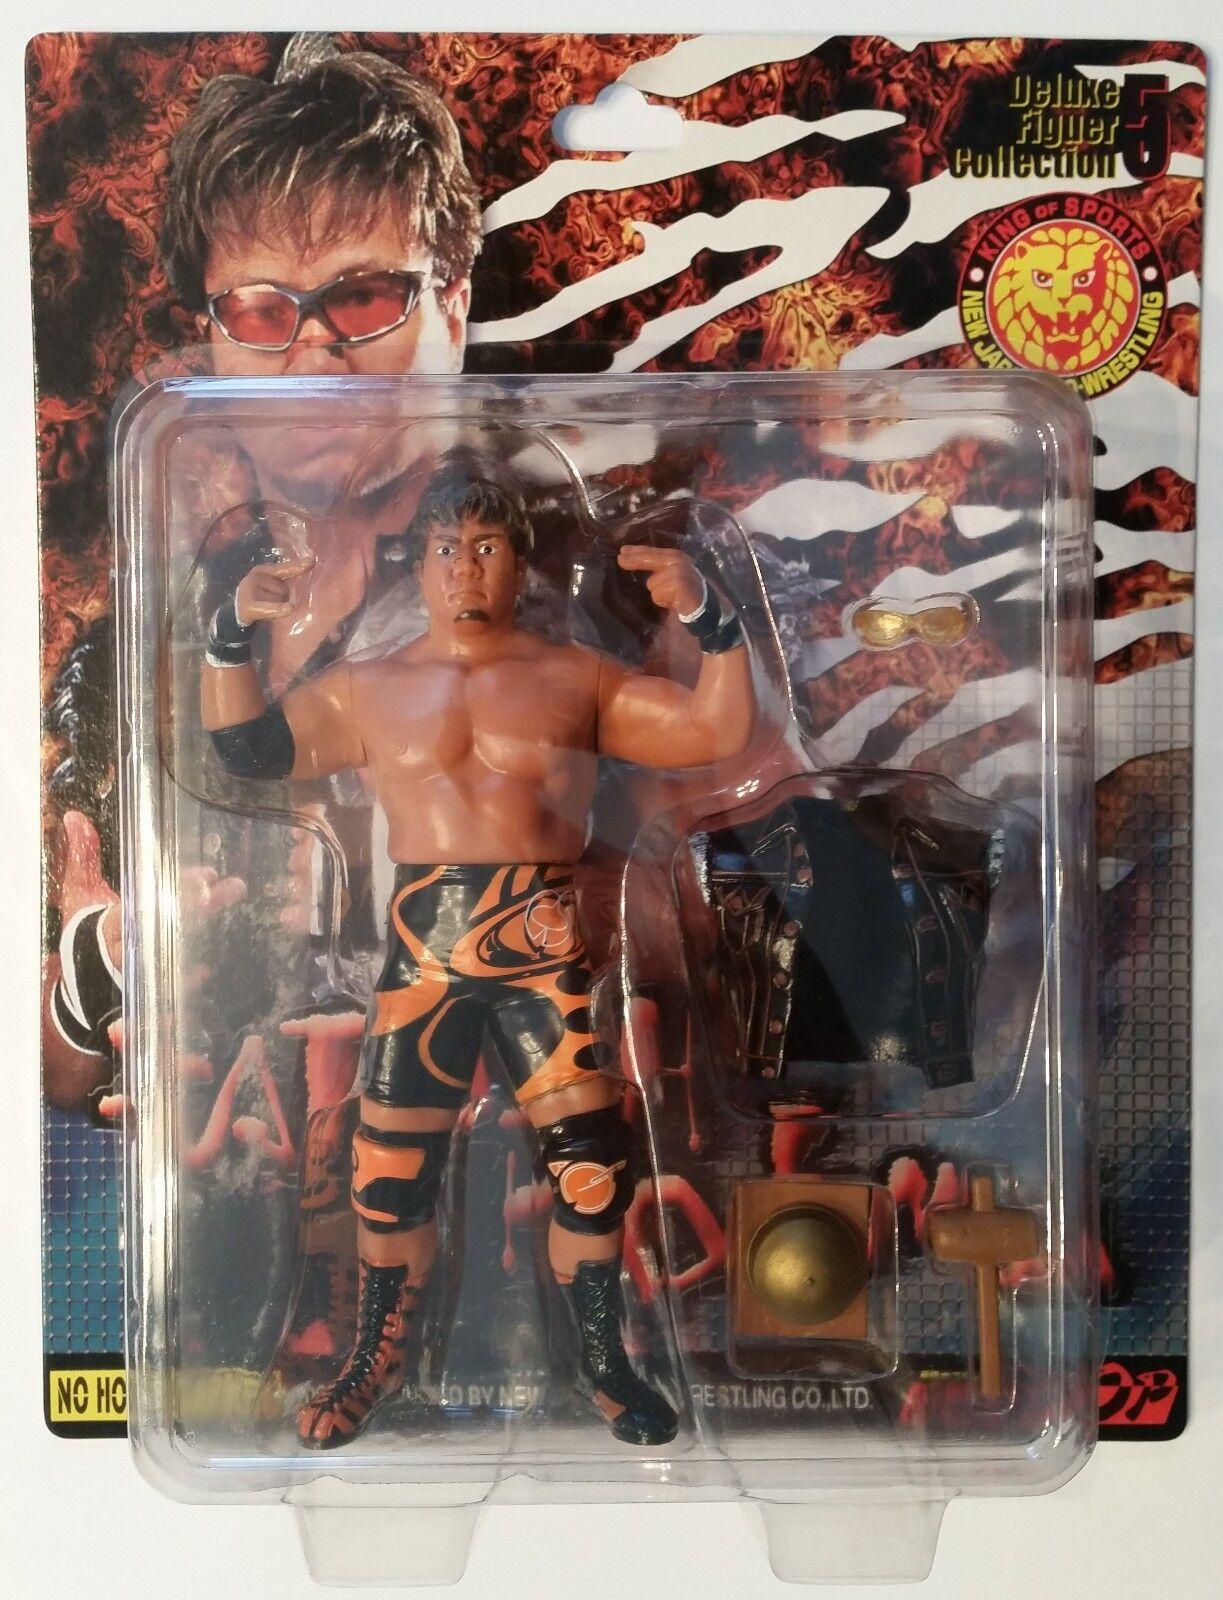 Satoshi Kojima Charapro NJPW Deluxe Figure Collection 5 w/Entrance Attire MOC